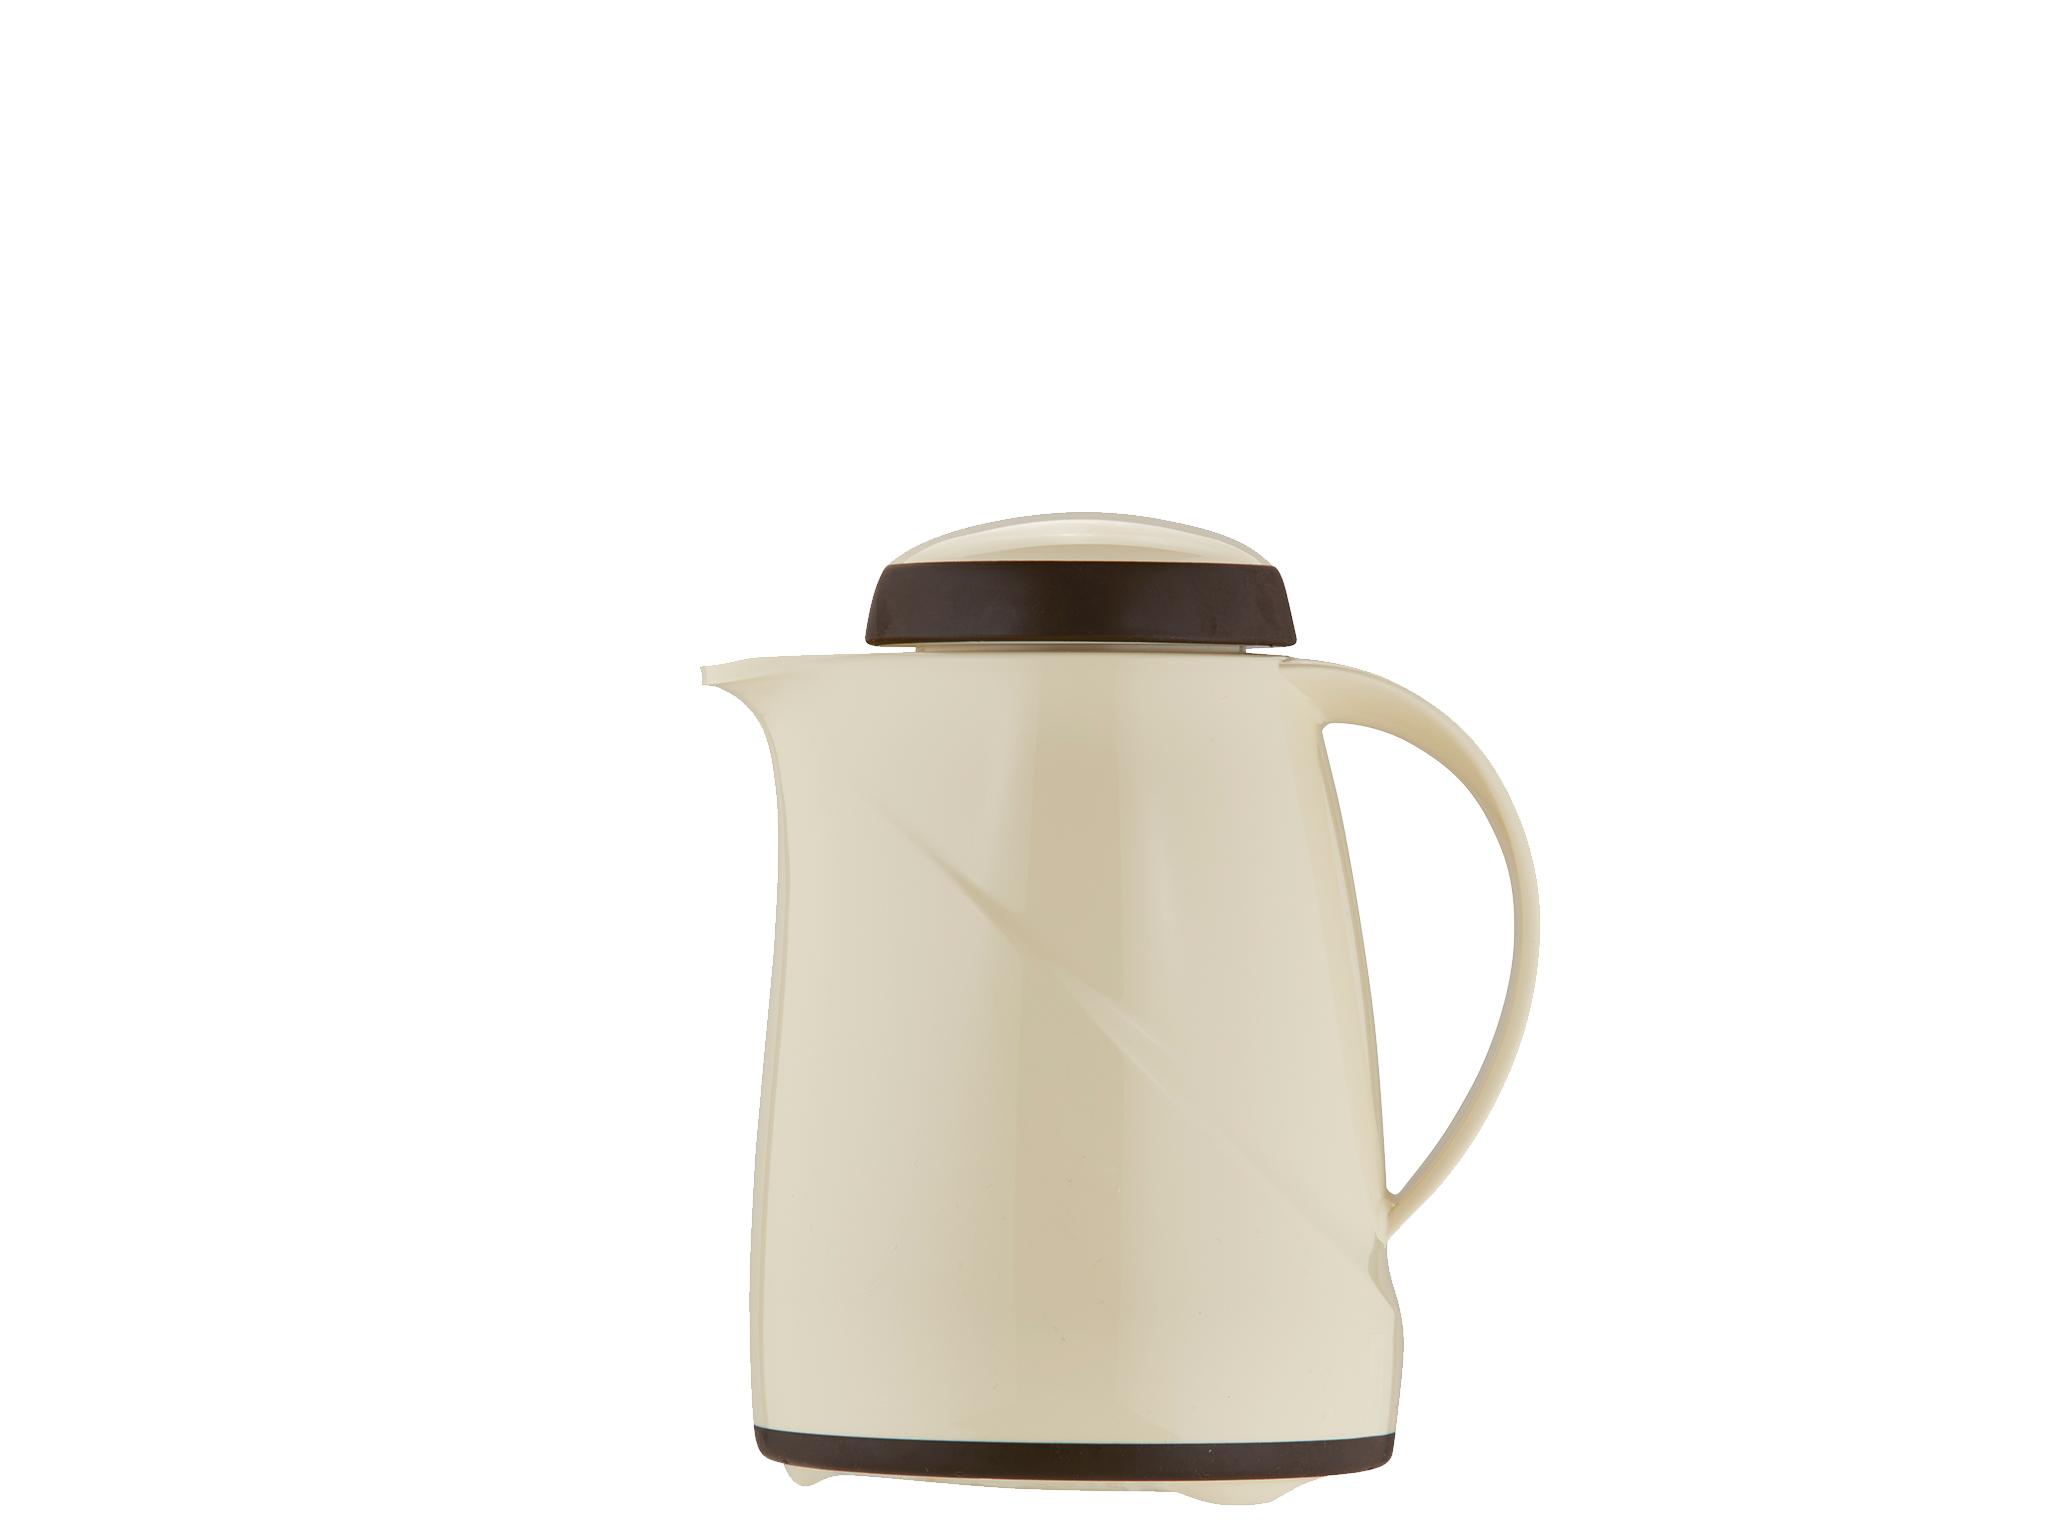 2941-092 - Vacuum carafe vanilla 0.3 L WAVE PICCO - Helios